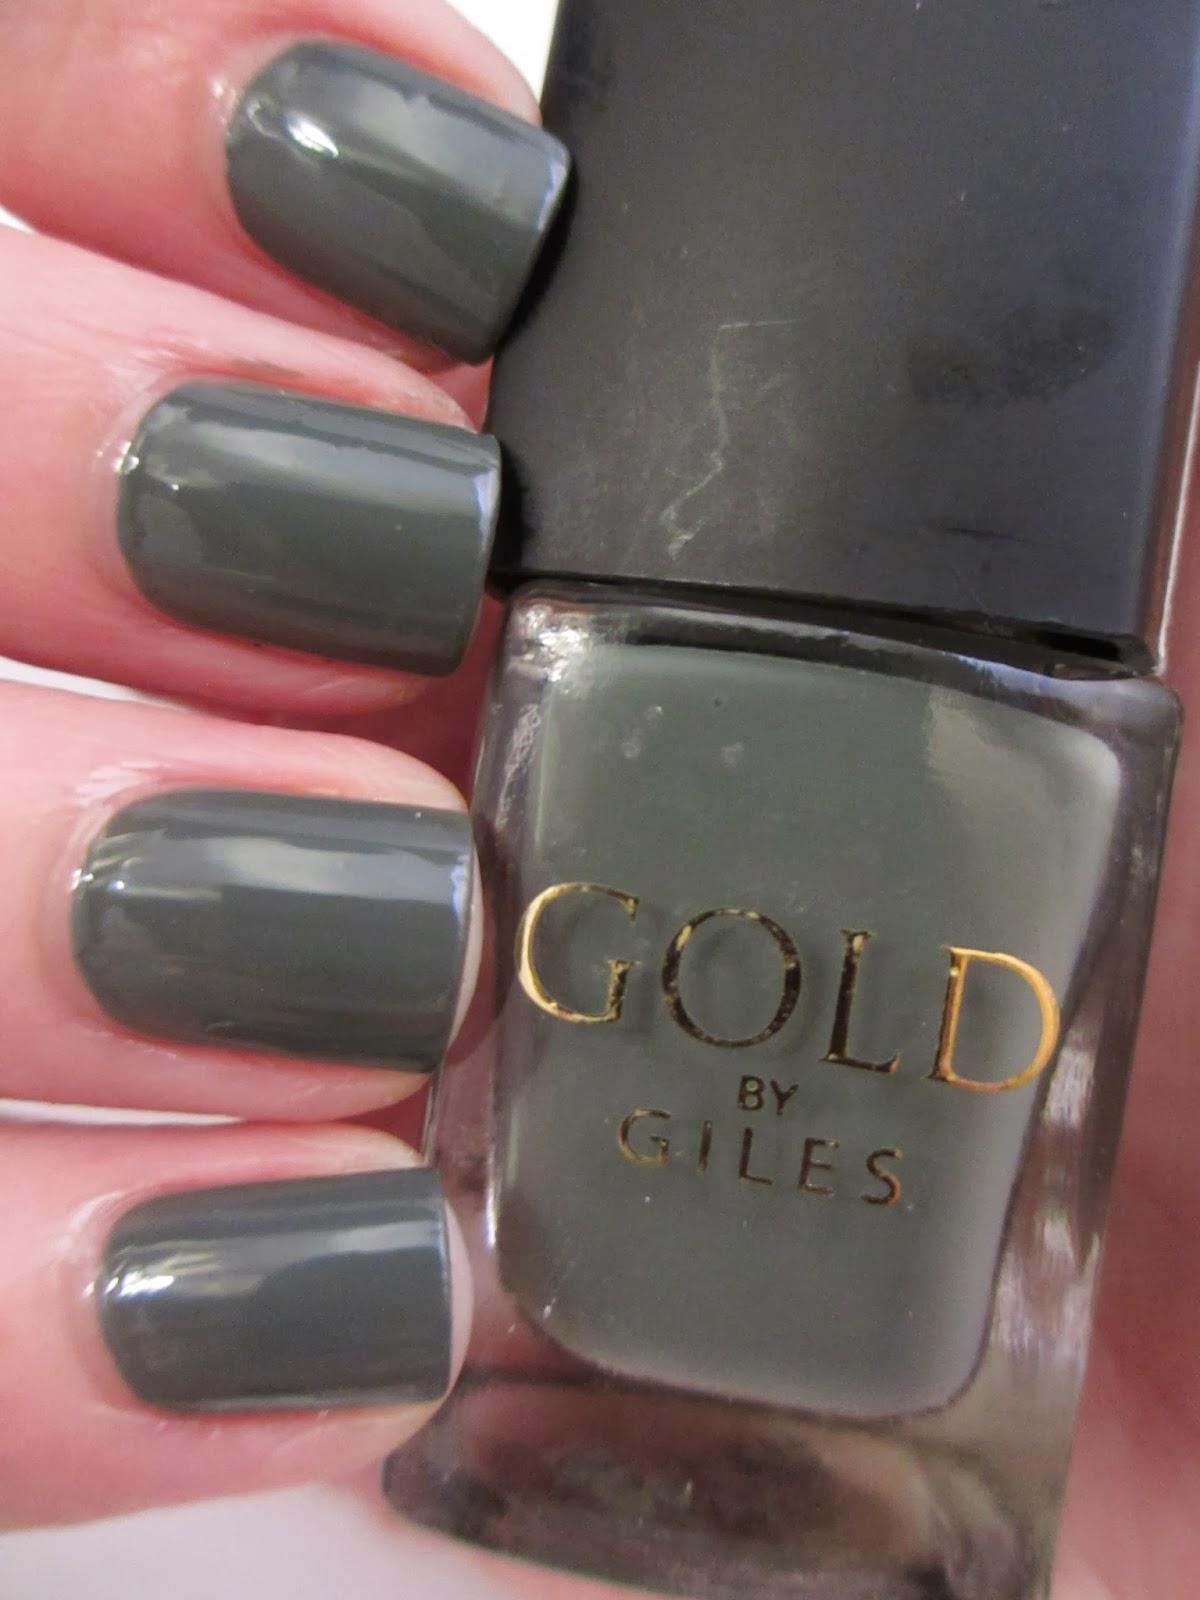 New-Look-Green-nail-polish-salute-nail-art